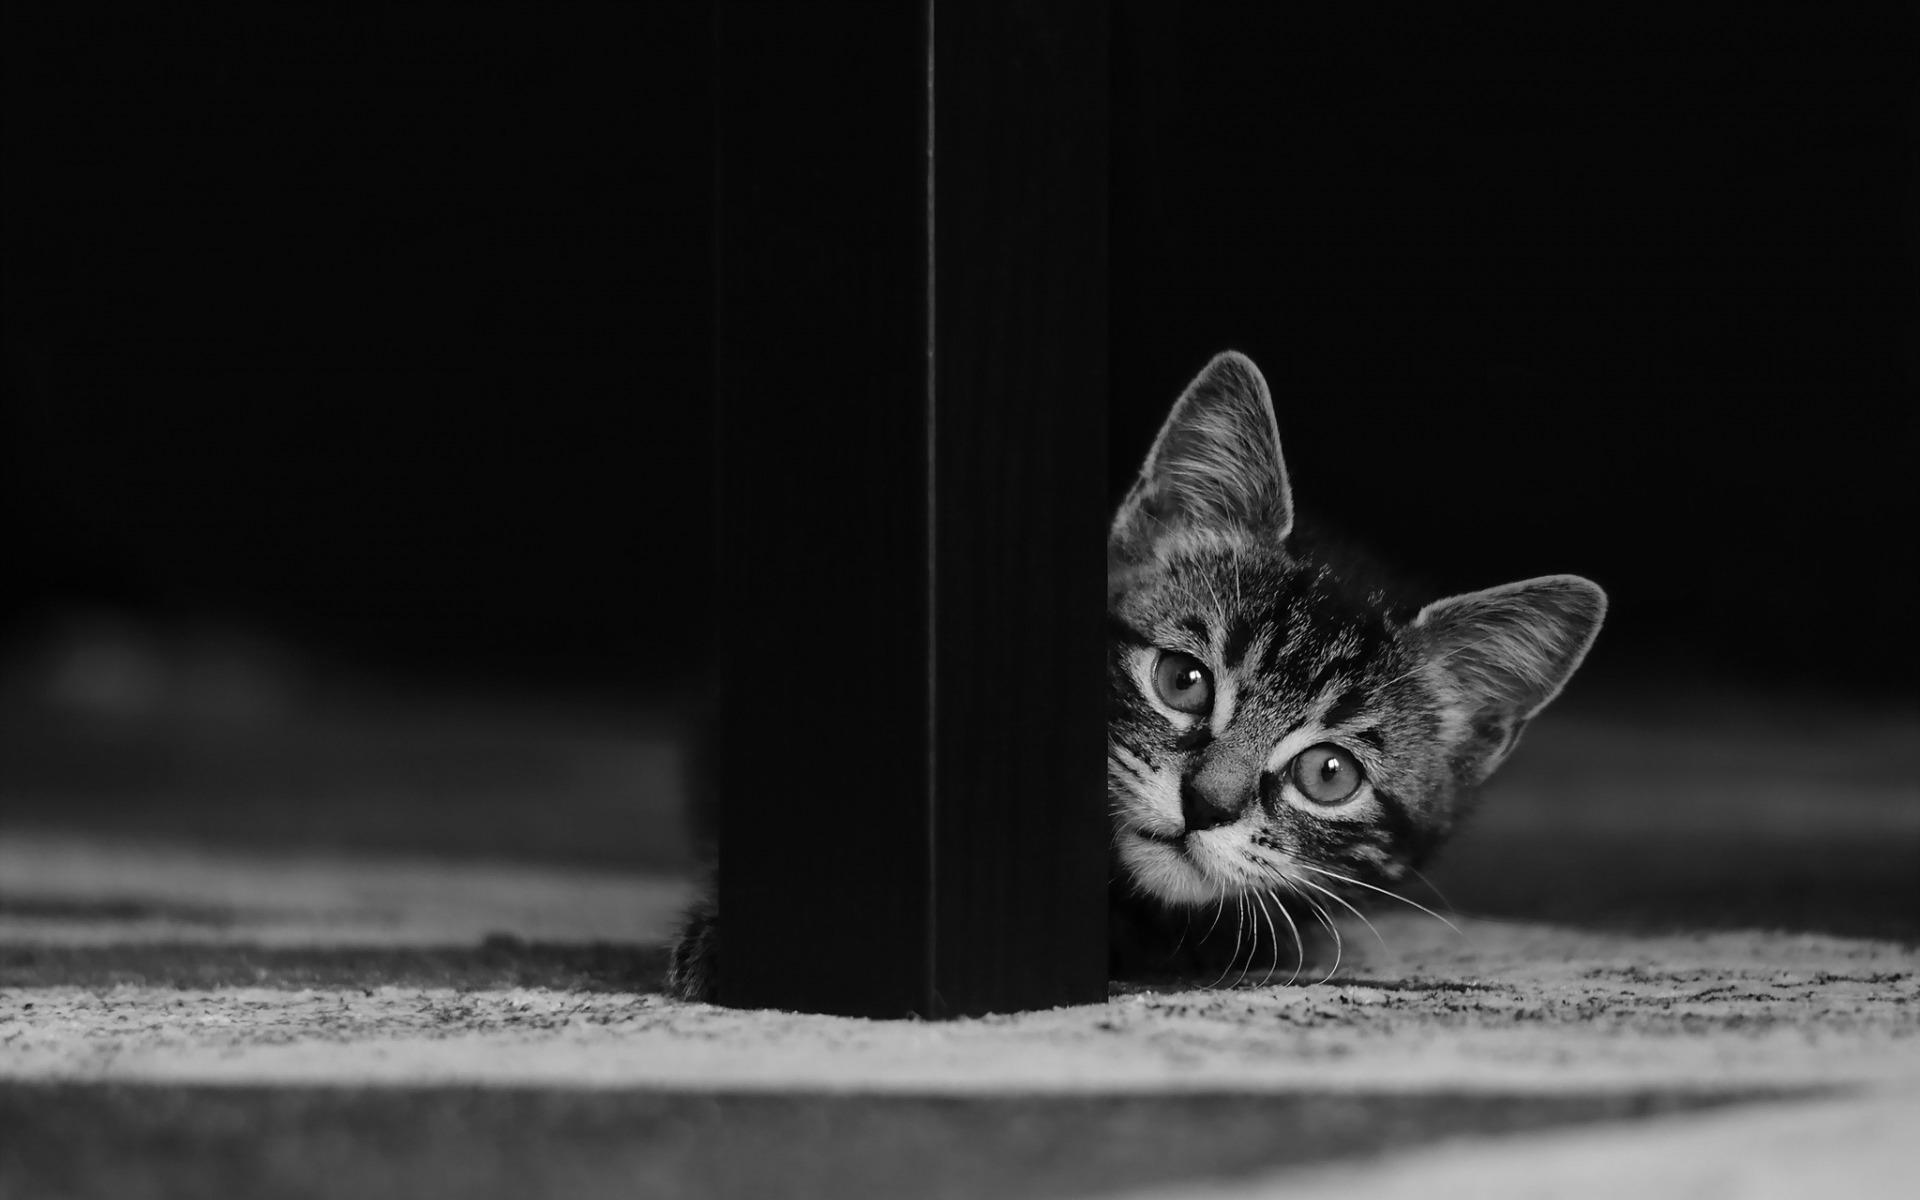 день картинка на черном фоне котенок времени возможно дополнительную